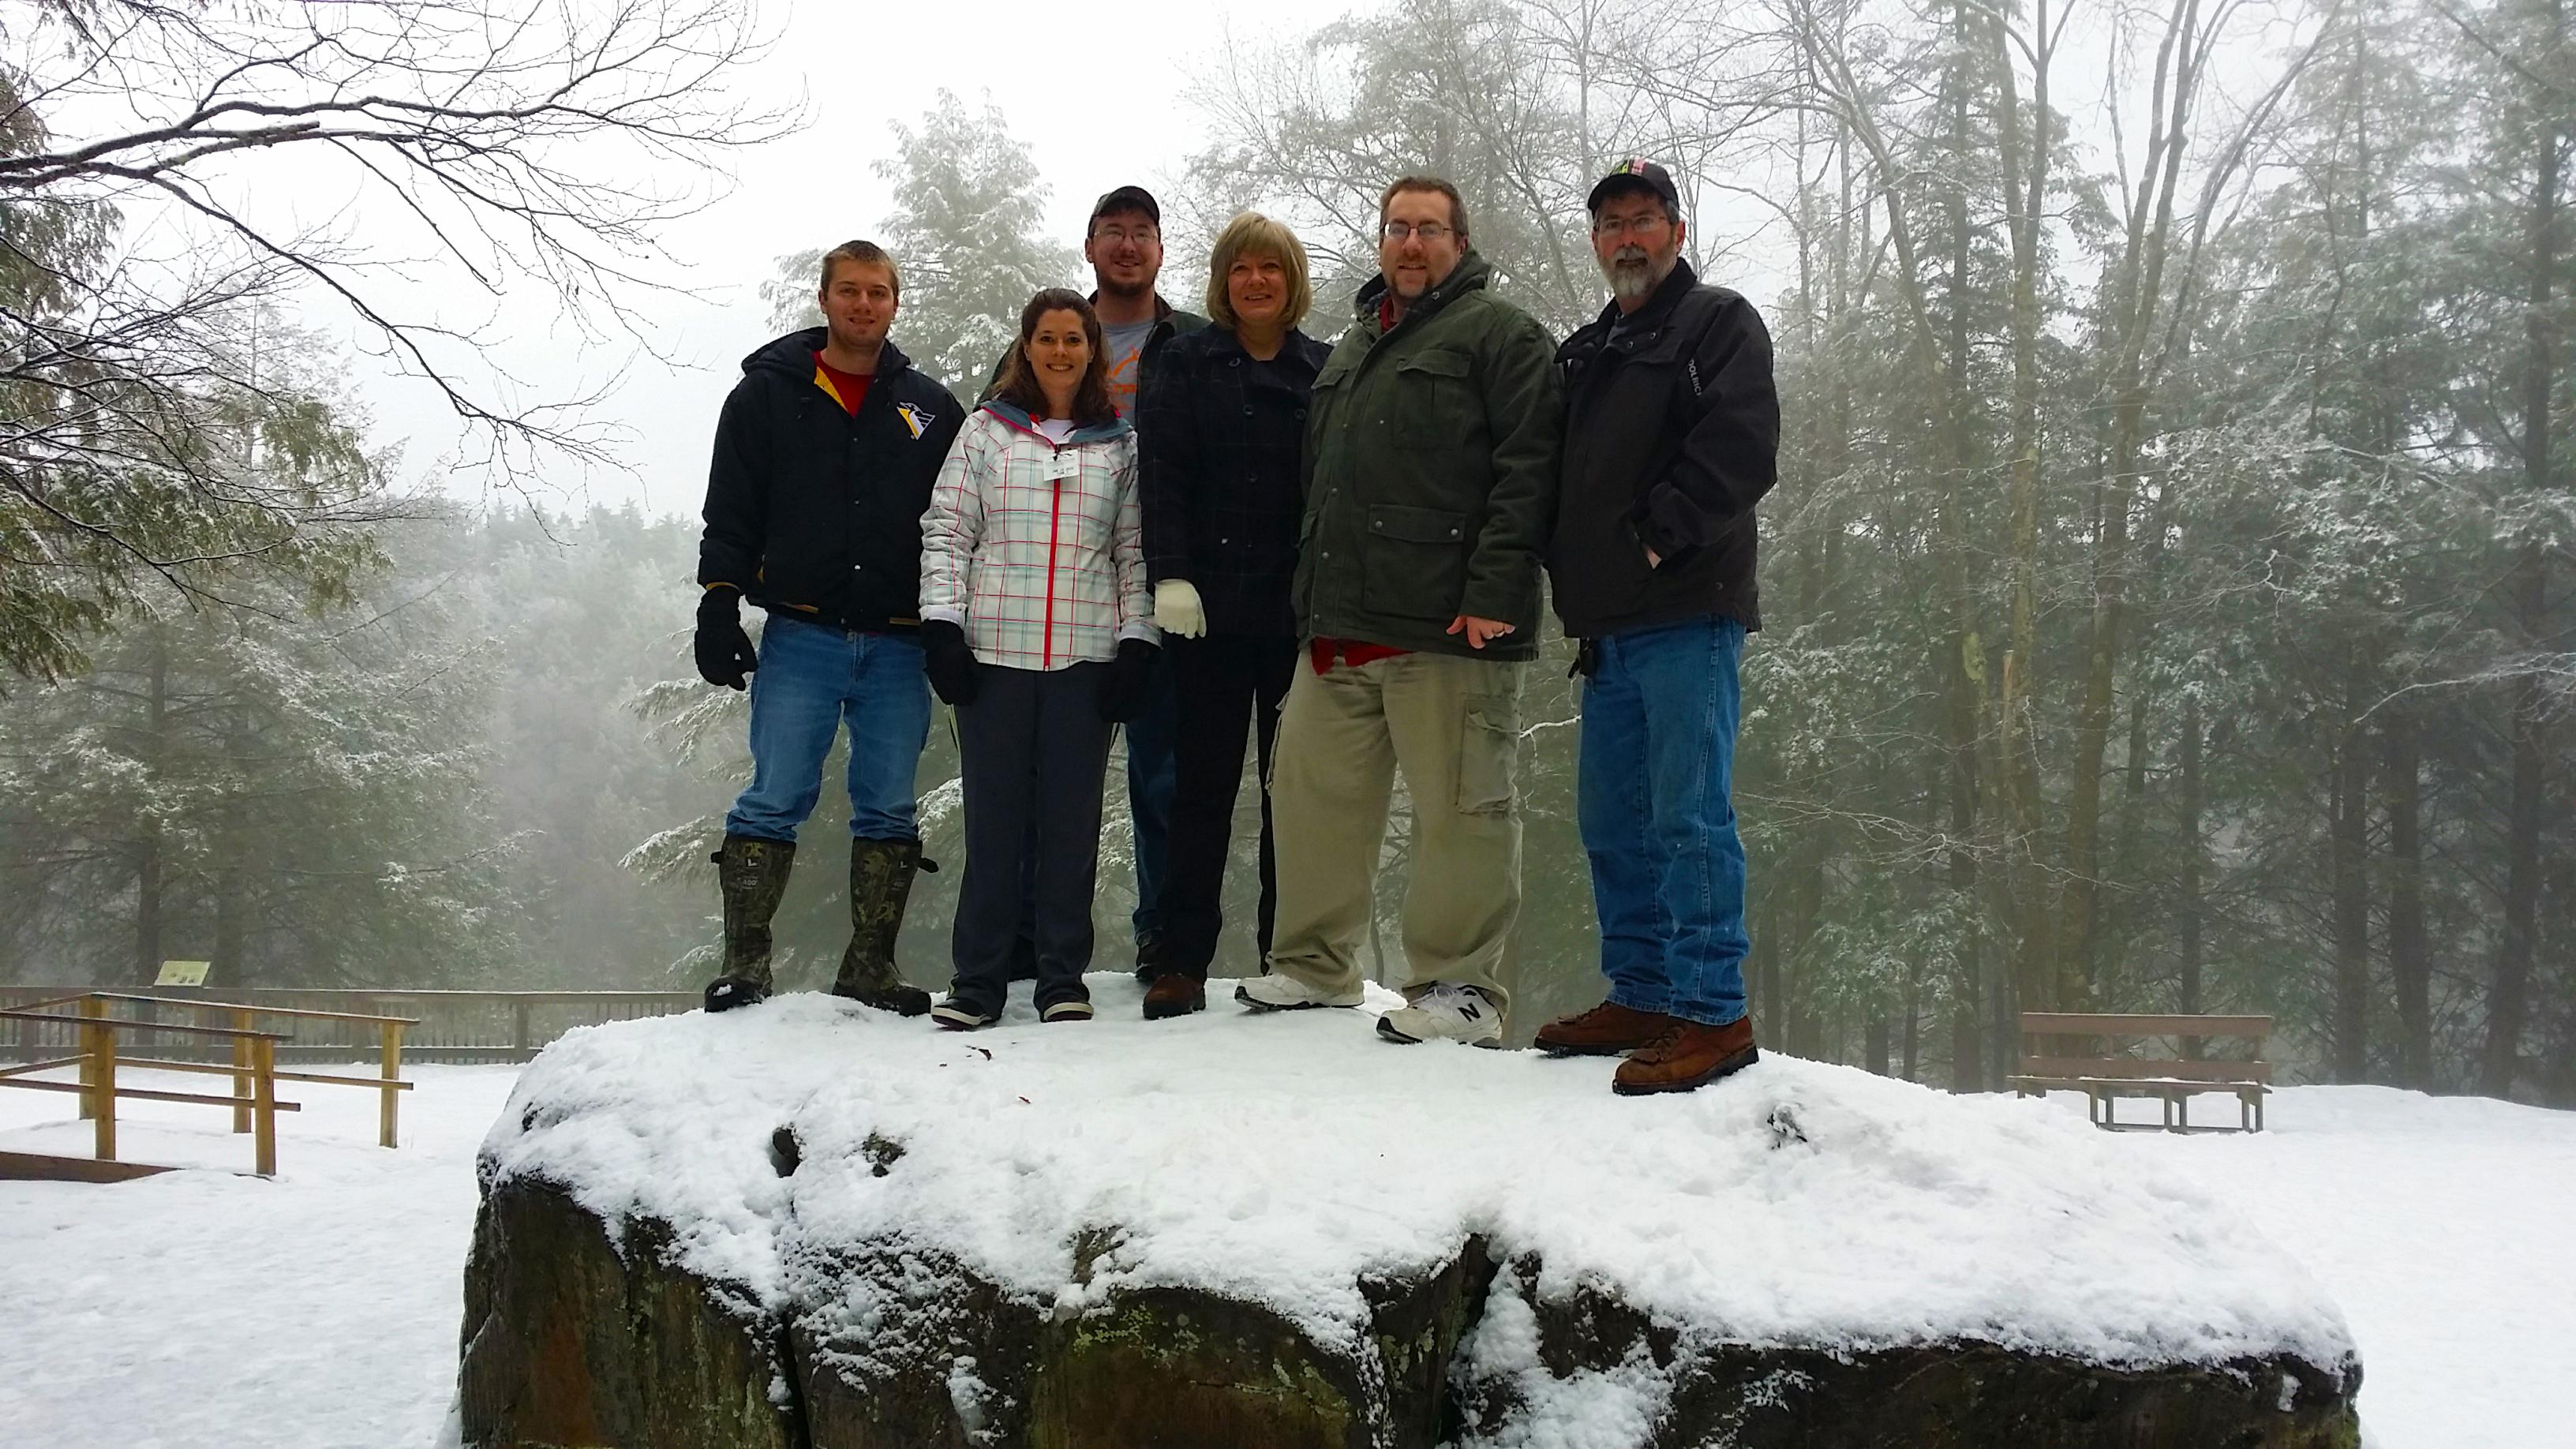 Blackwater falls in the winter honeymoon cabin rentals for Honeymoon spots in virginia